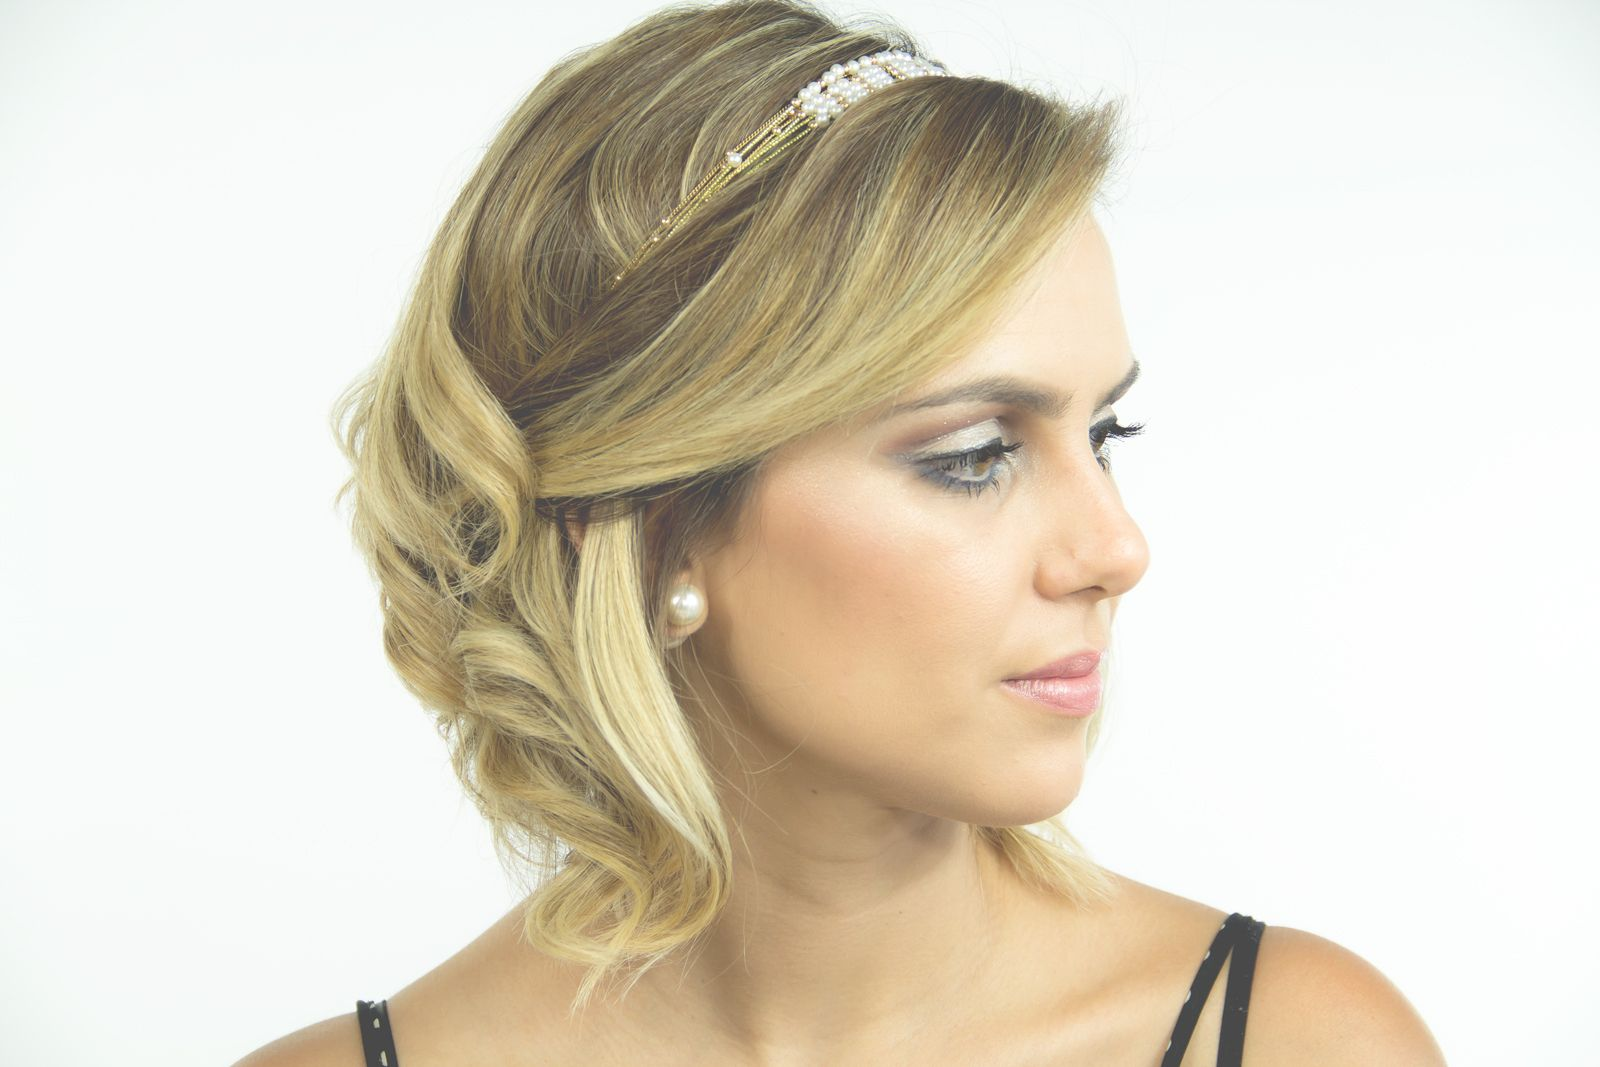 Penteados para Cabelos curtos para casamento para noite